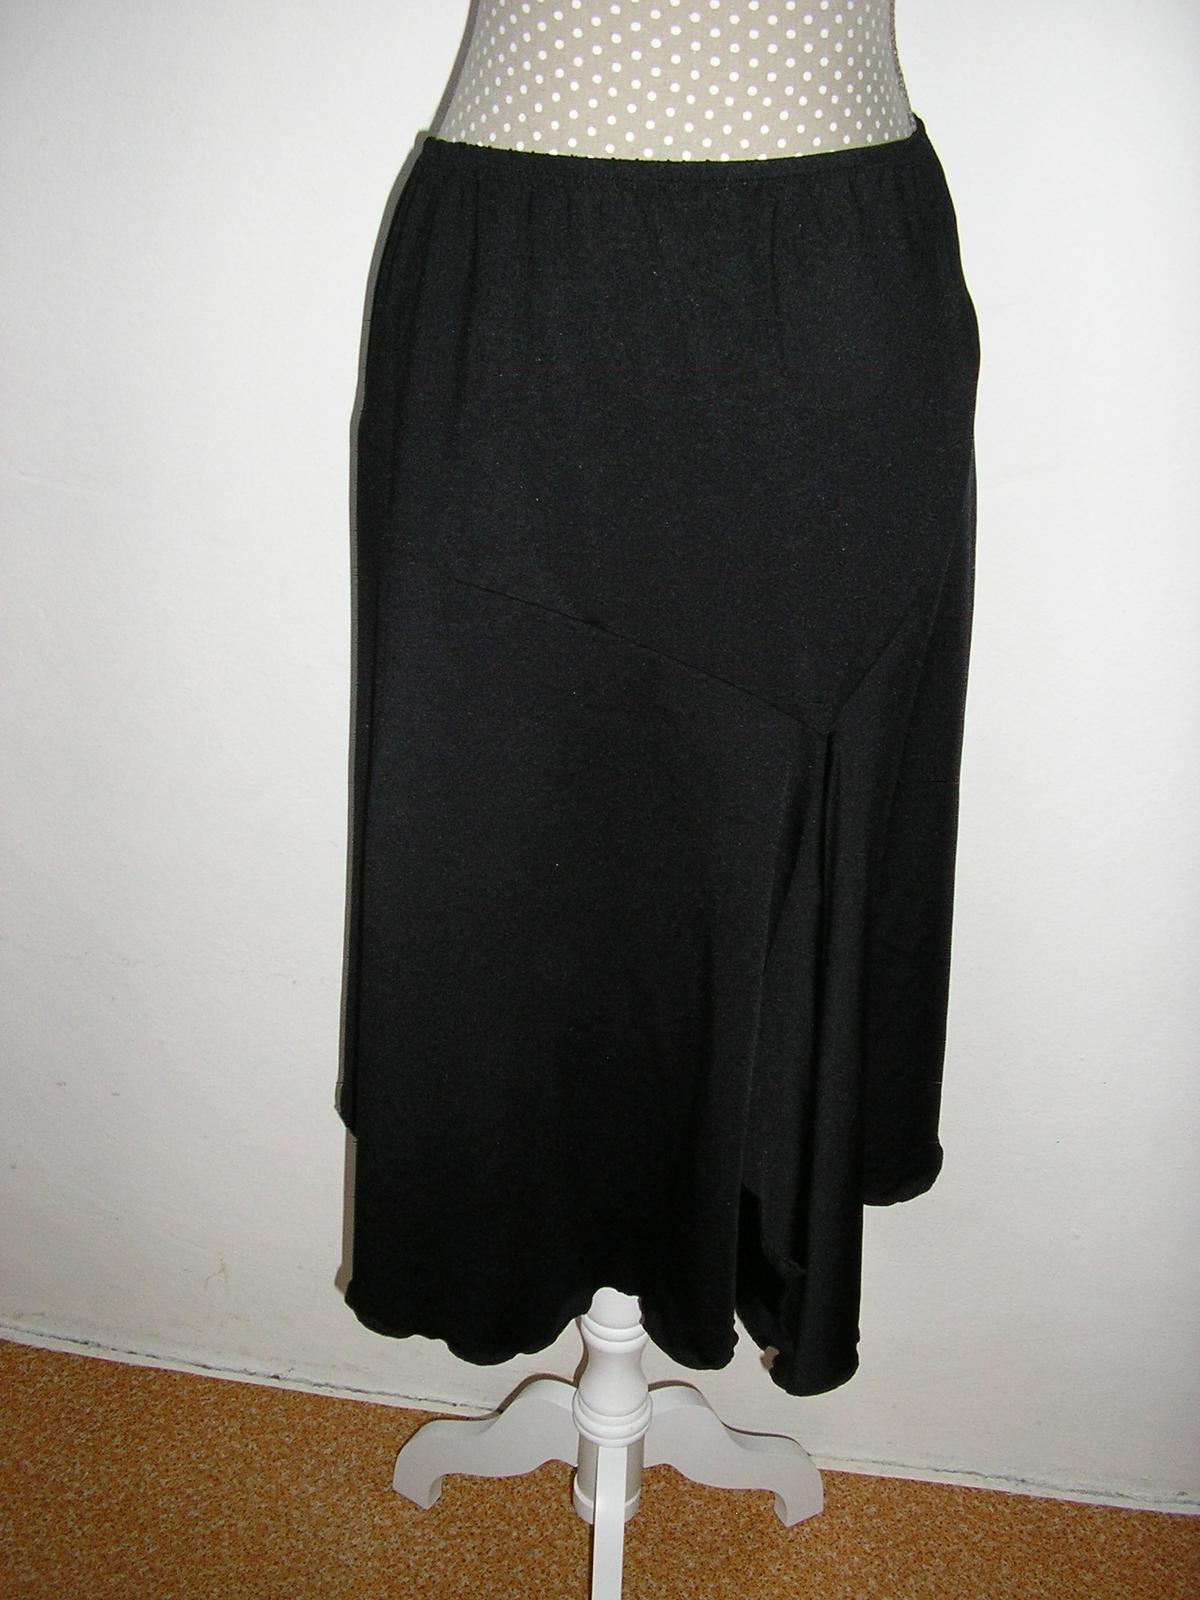 1466. Blanche Porte asymetrická sukňa  - Obrázok č. 1